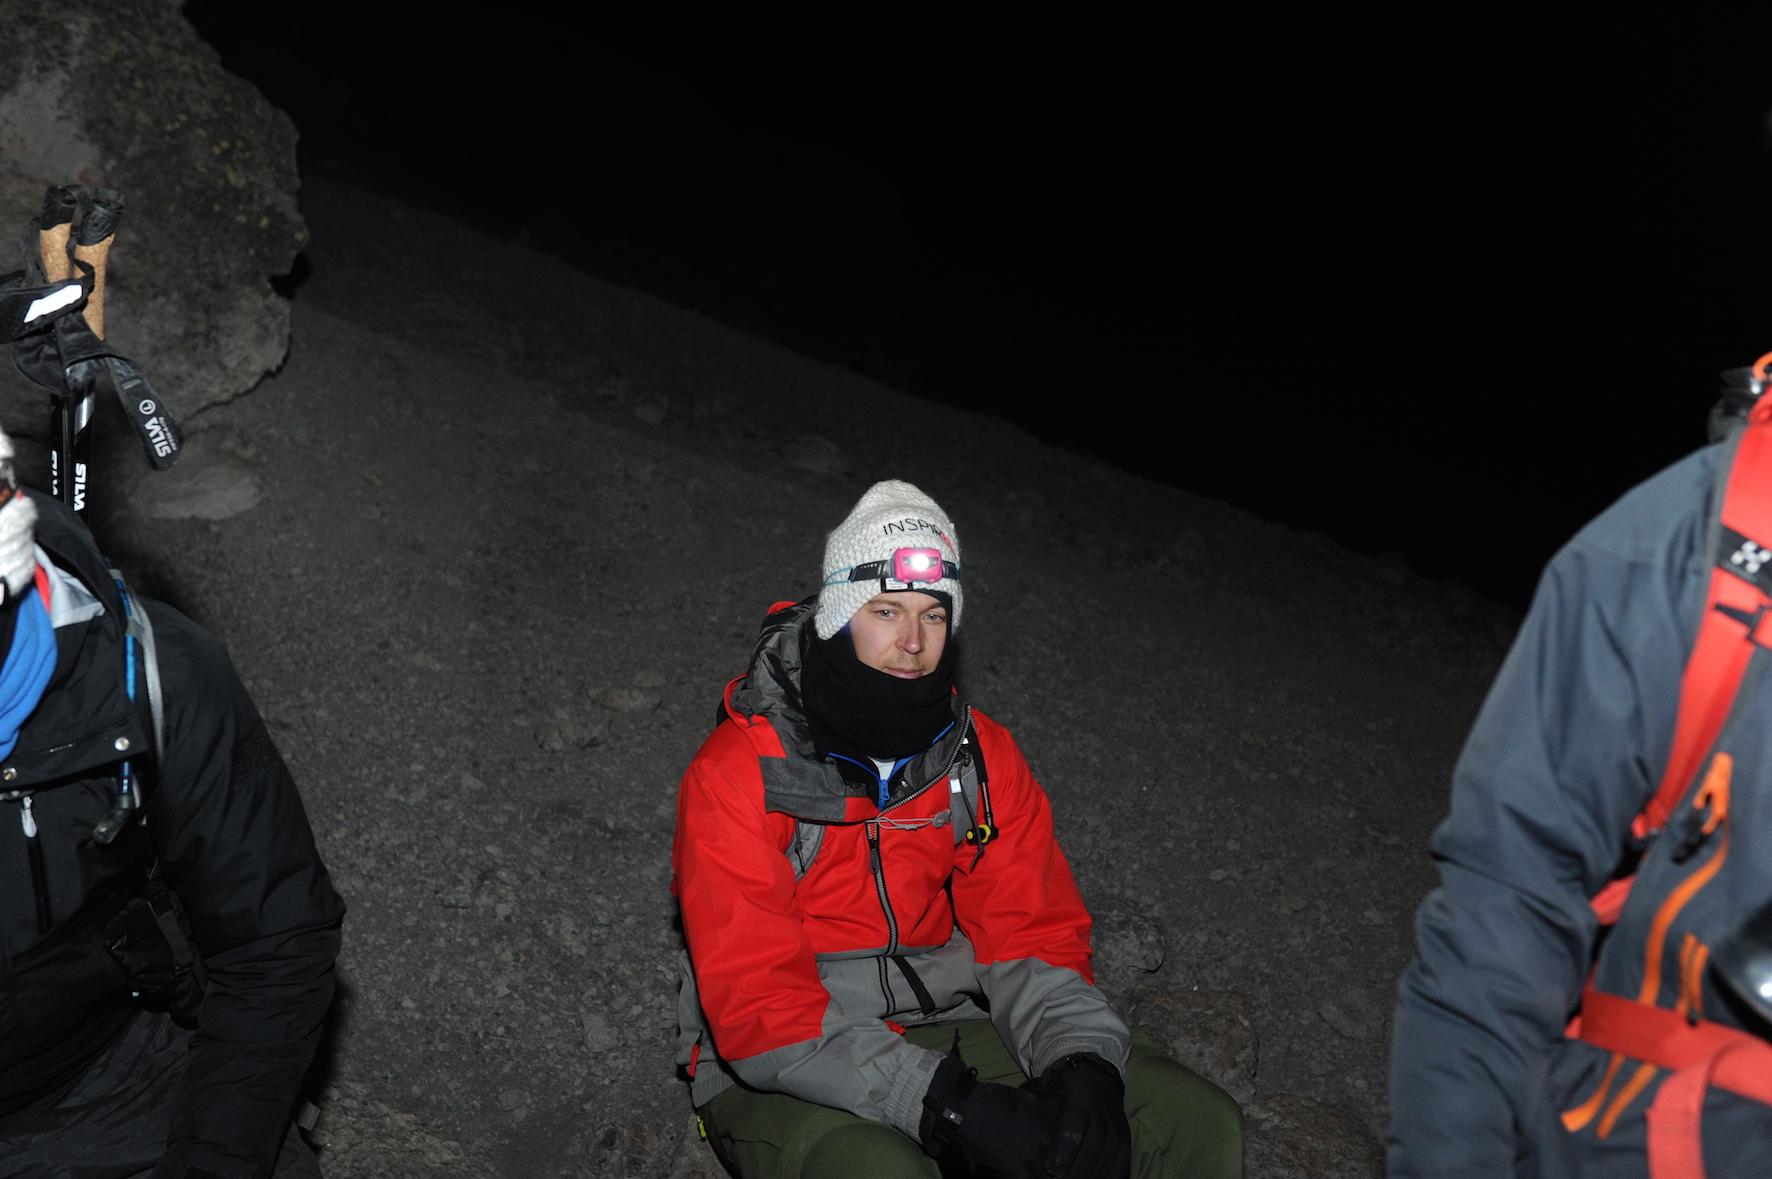 kilimanjaro-niclas-inspiredh-natt